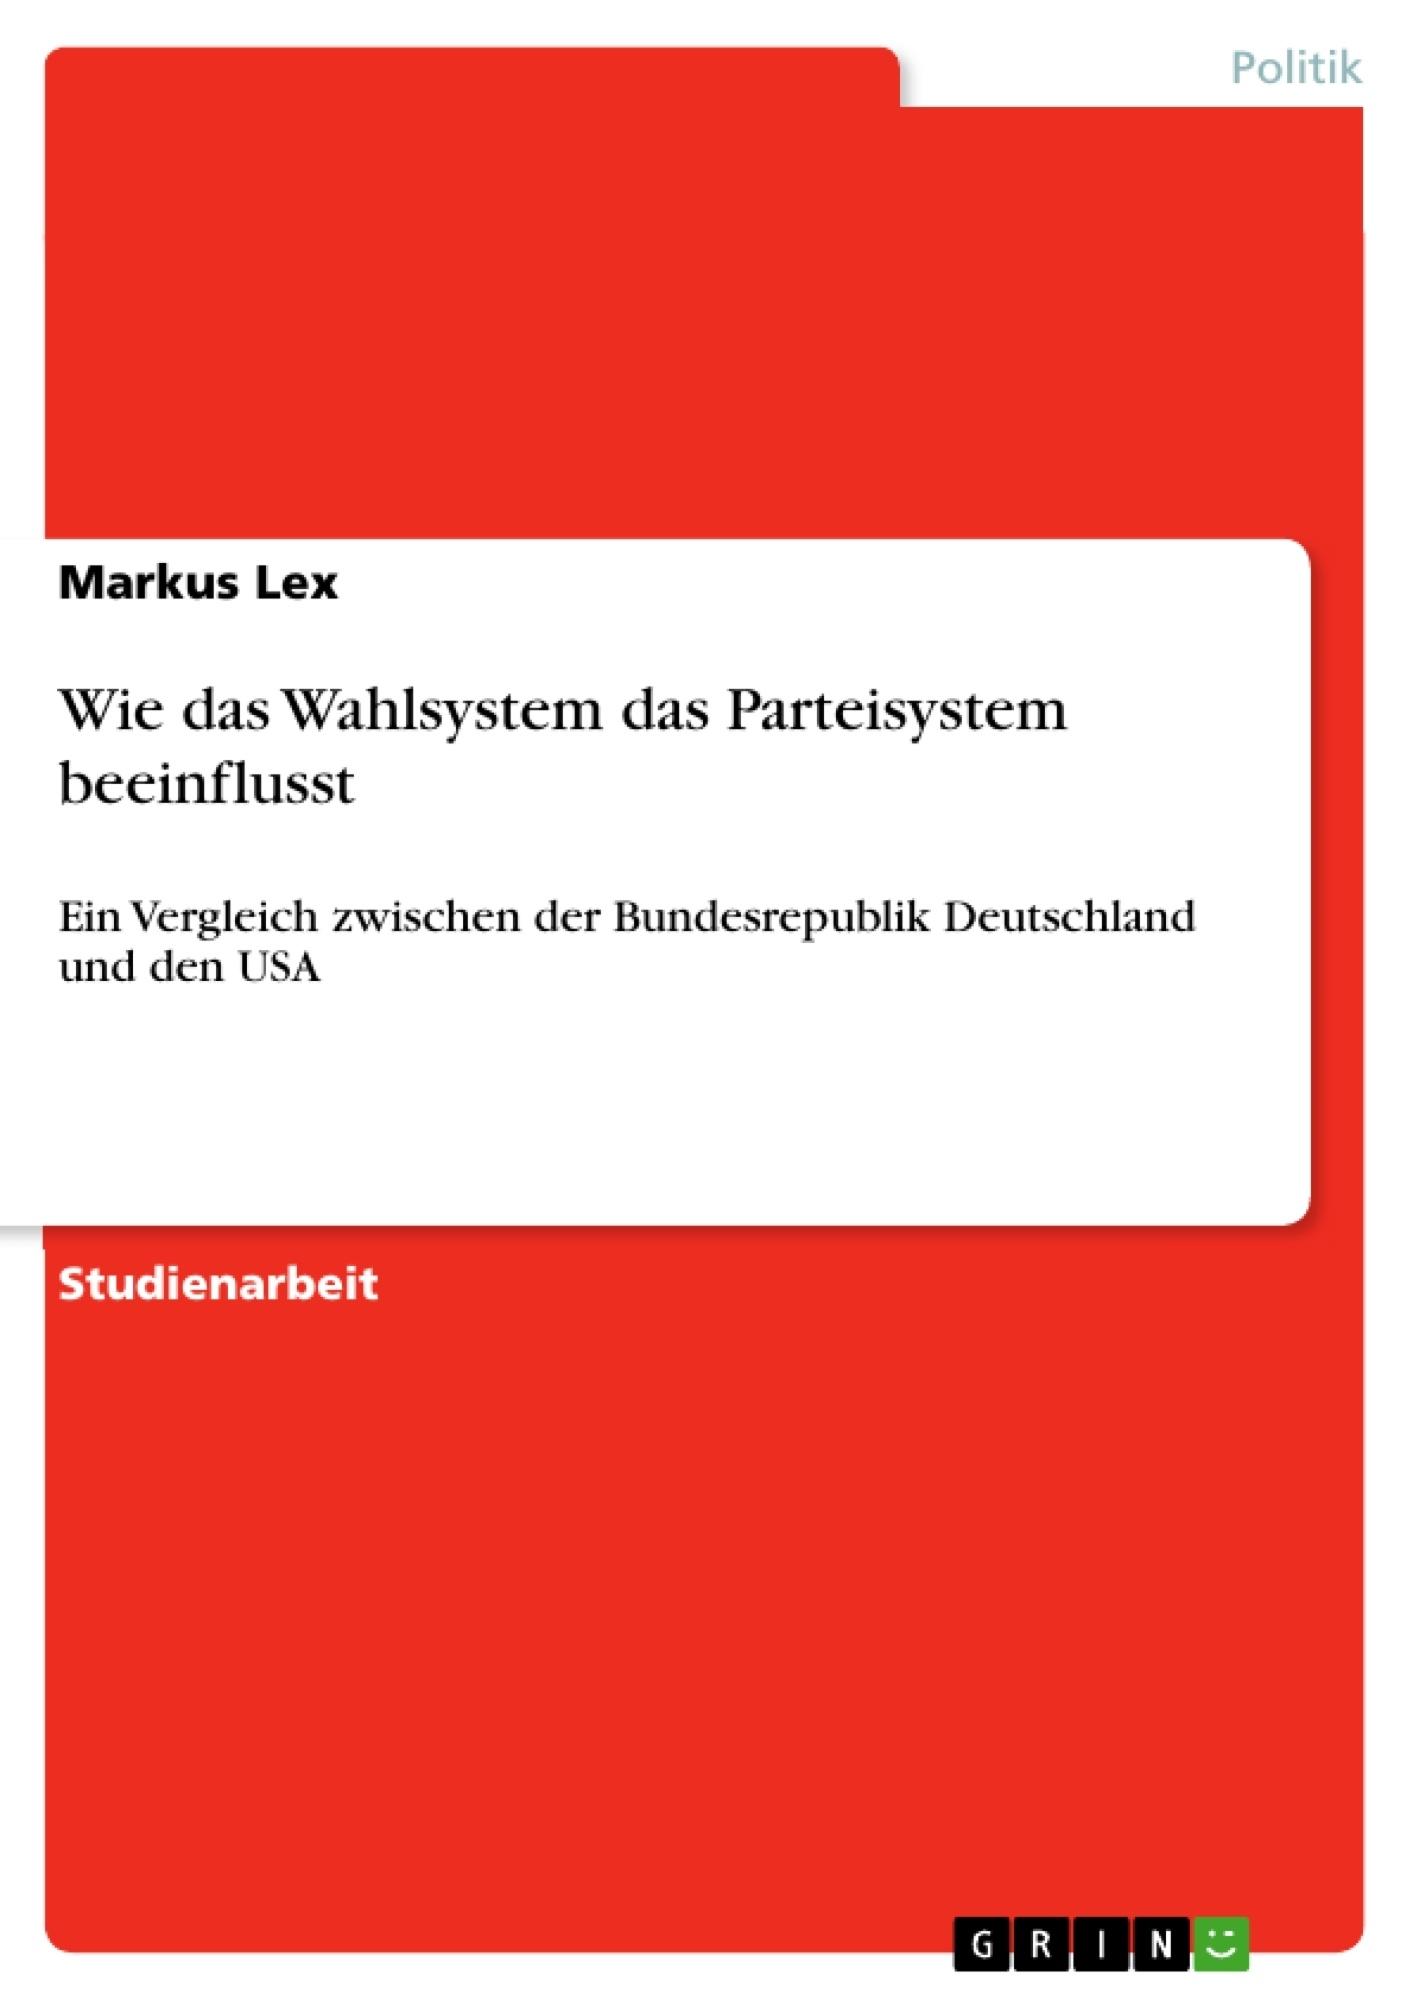 Titel: Wie das Wahlsystem das Parteisystem beeinflusst